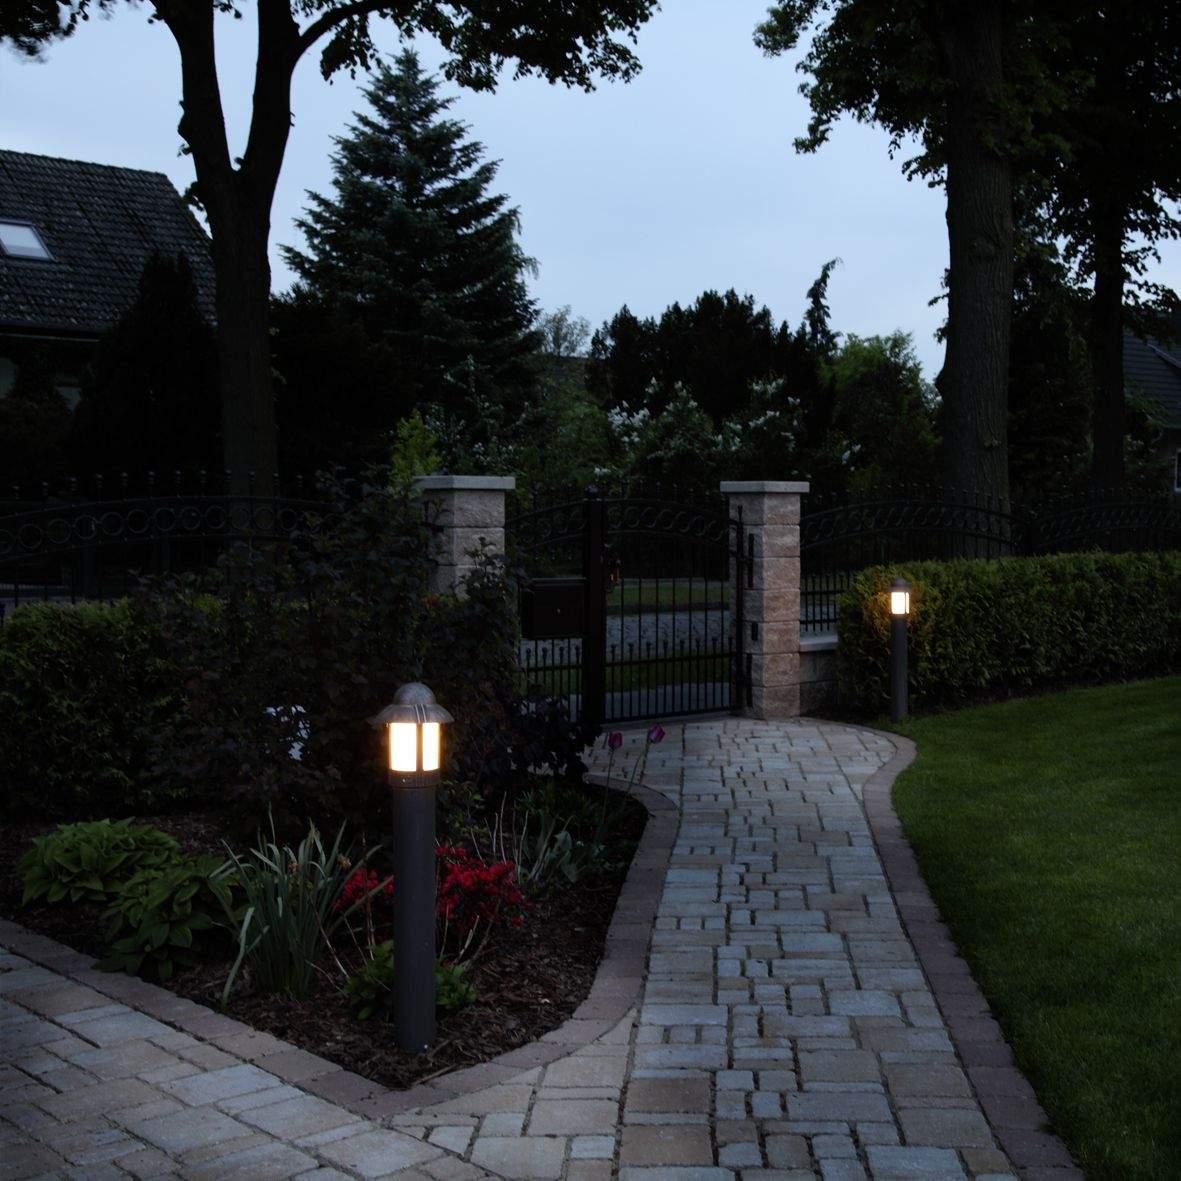 Bewegungsmelder Garten Neu Albert Bollard Lamp with Mov… In 2020